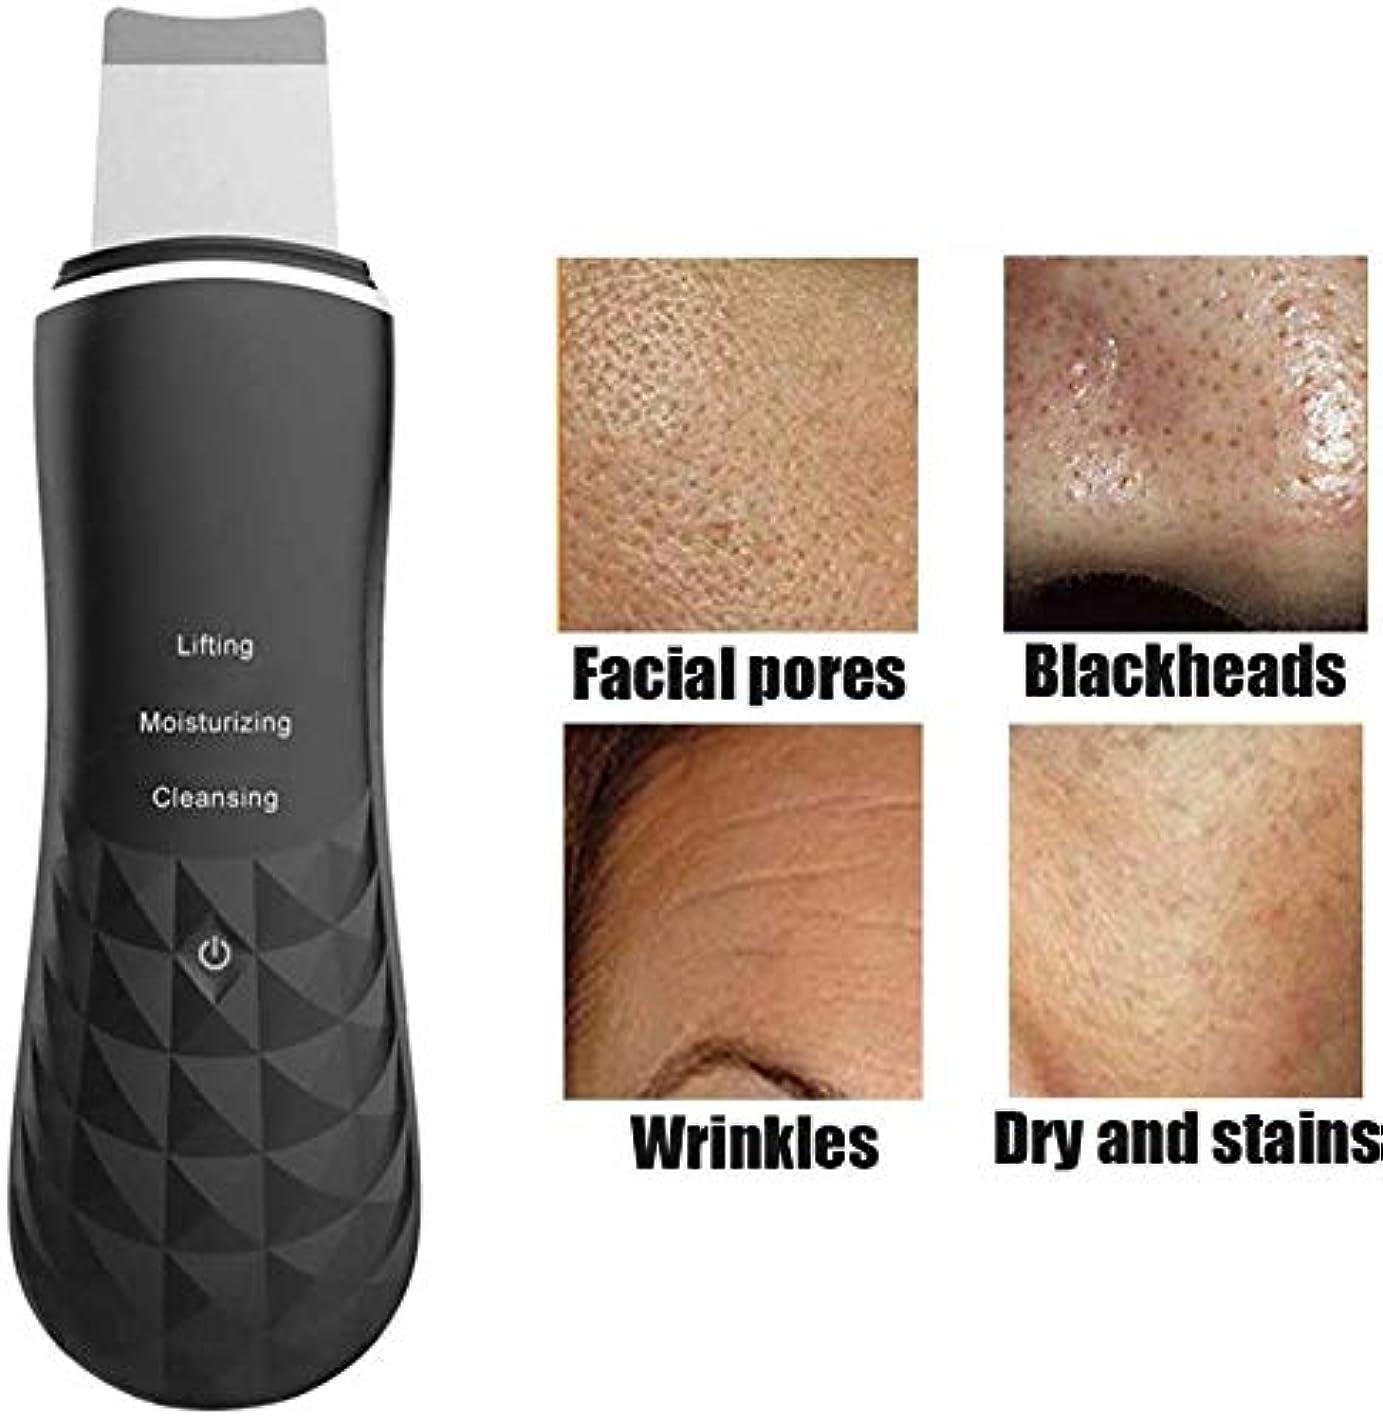 怠惰一流不愉快にきび除去皮膚剥離顔面加熱皮膚洗浄器、EMS加熱イオン高周波振動フェイススパチュラビューティーデバイス,黒